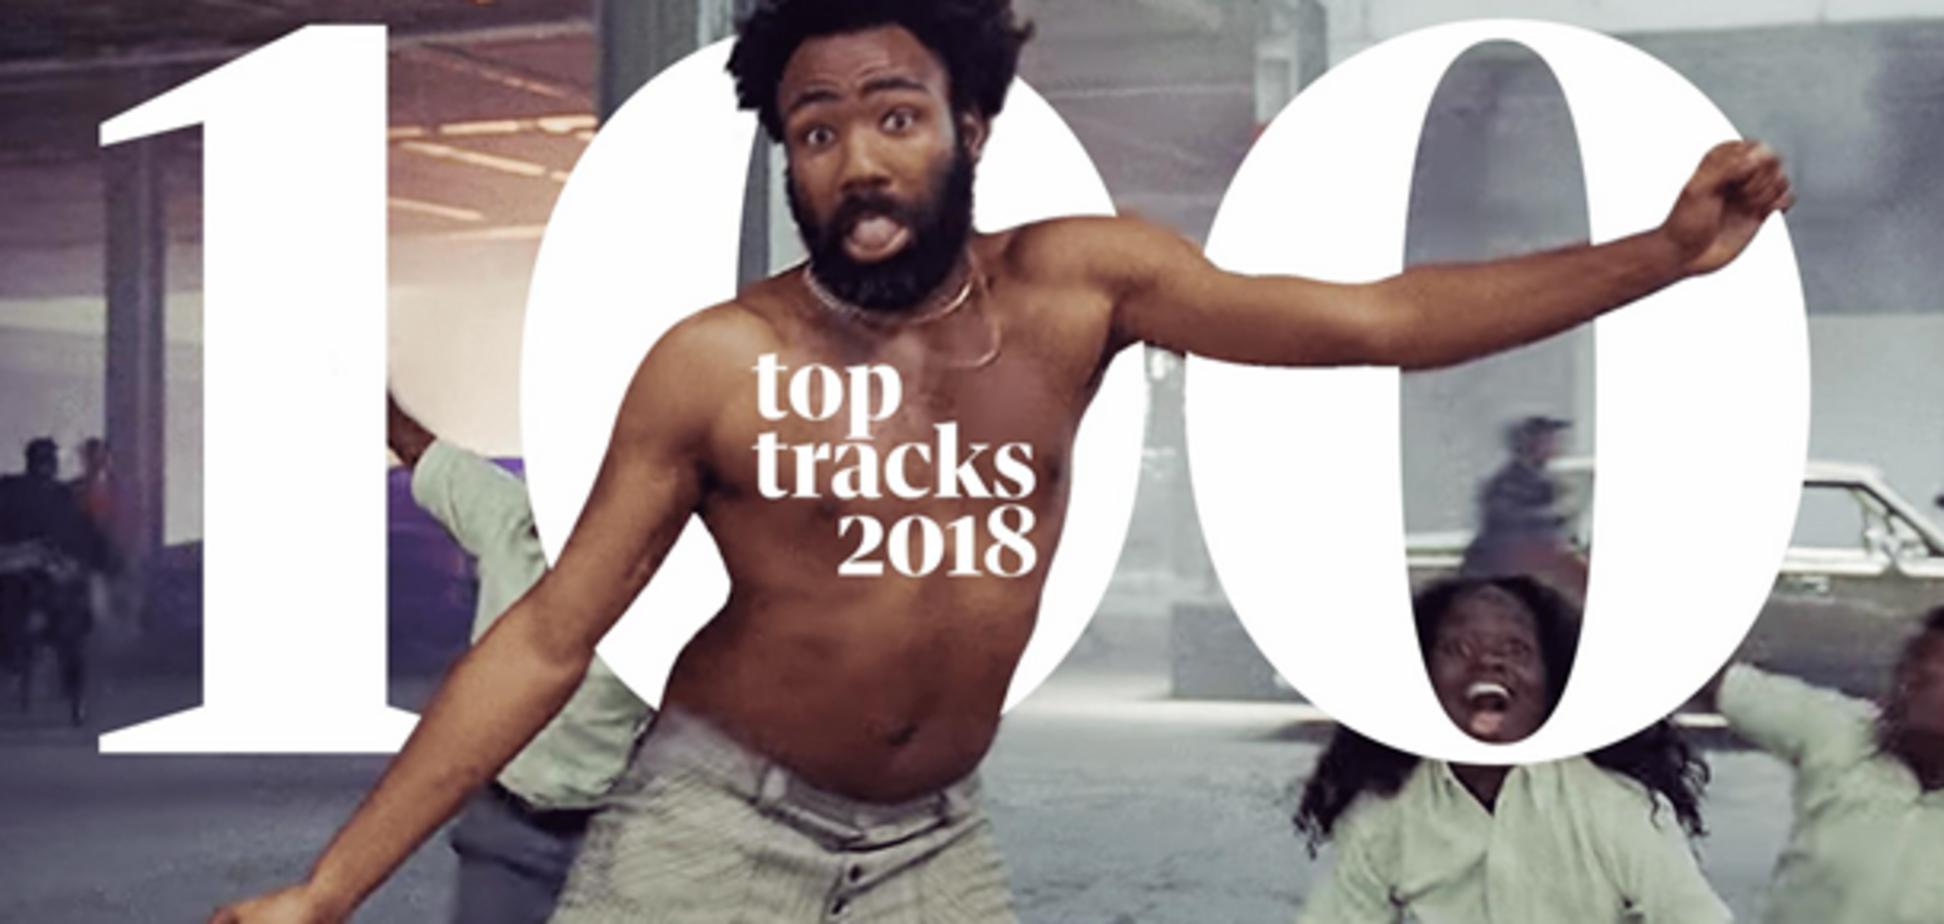 Топ-лист: названы 10 лучших песен 2018 года